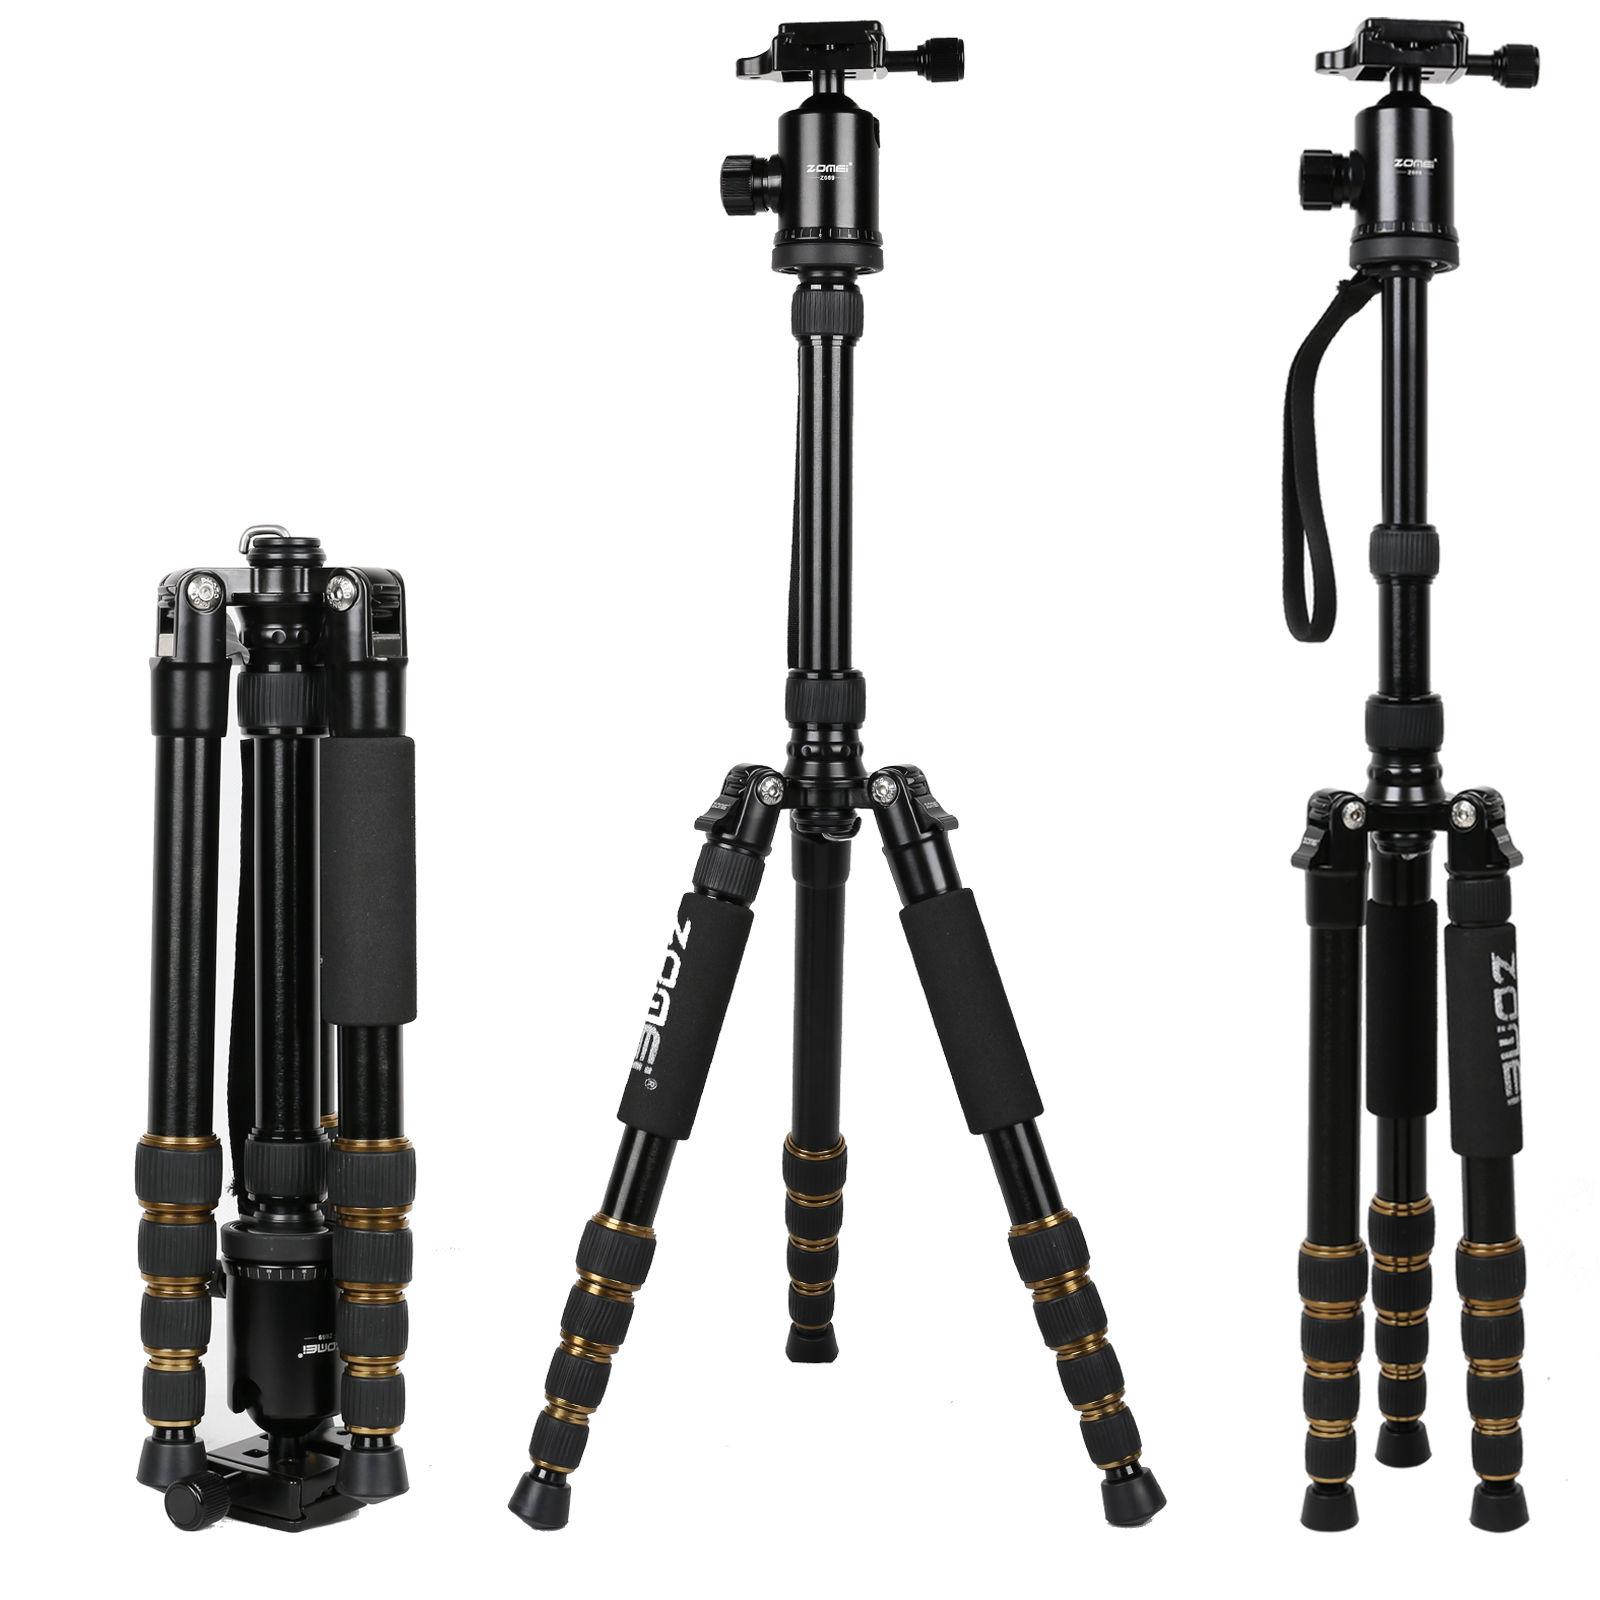 ZOMEI Z699 SLR camera aluminum portable travel tripod Stand Monopod&Ball Head For Canon Nikon DSLR Camera qzsd q888 portable travel tripod monopod aluminum with ball head for dslr dv video camera camcorder